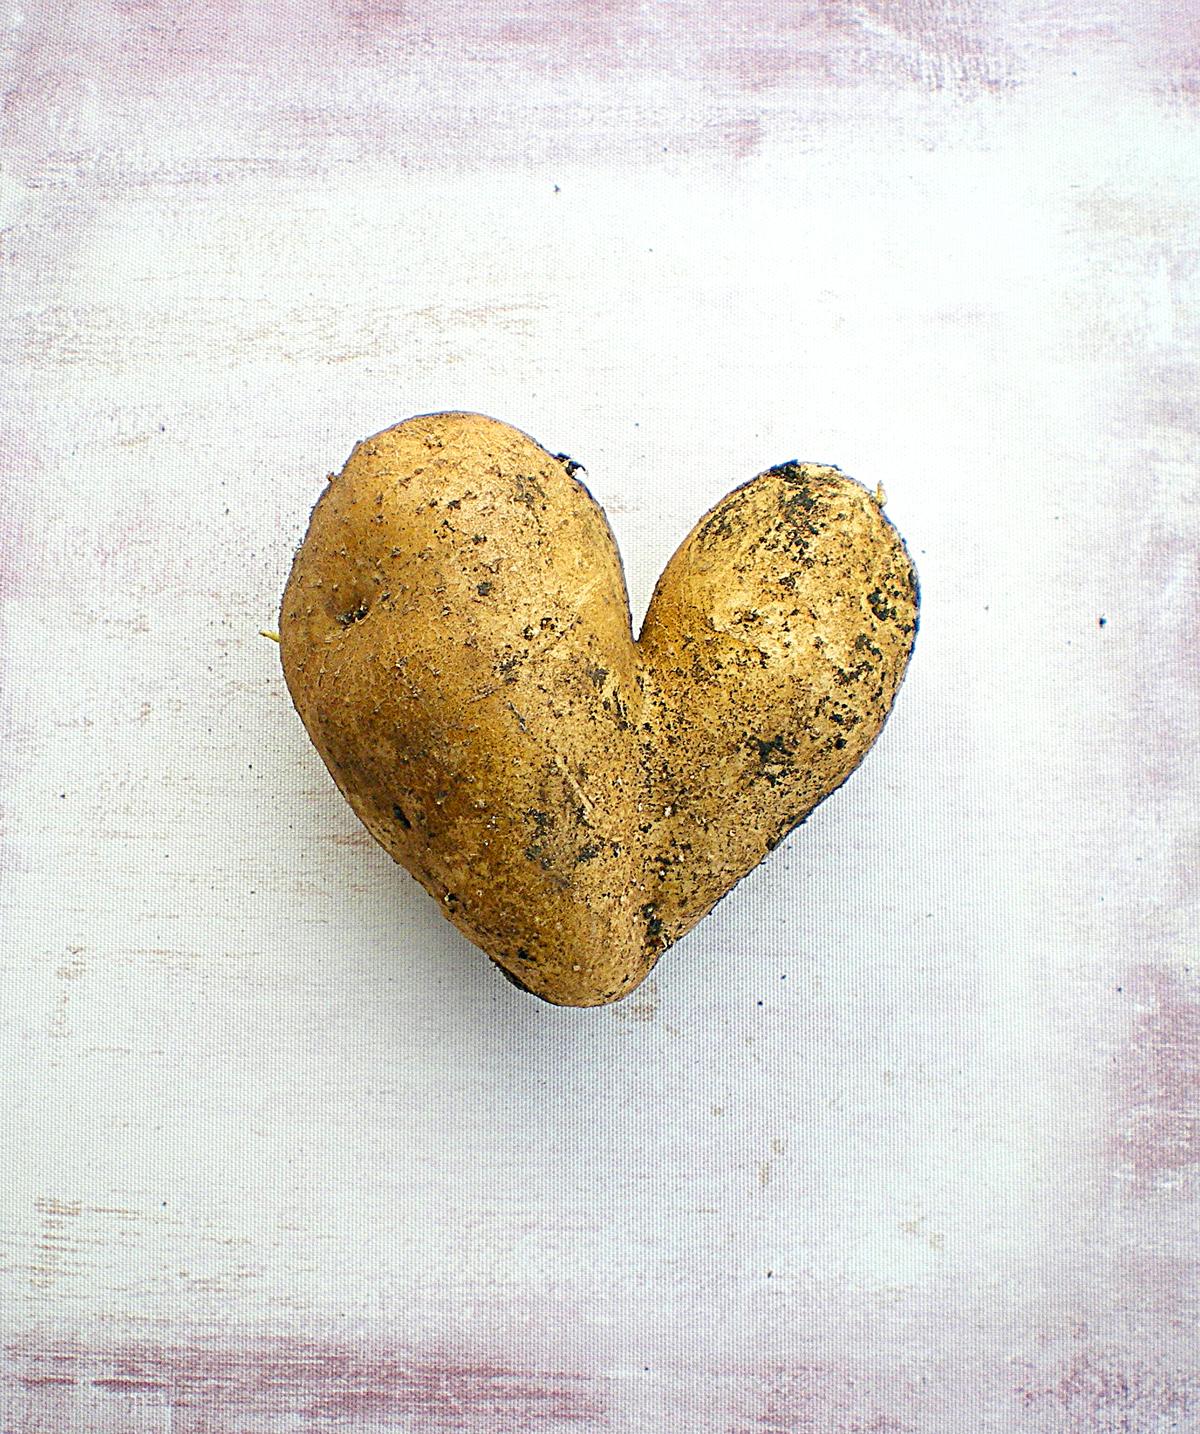 heartpotato_IMGP0145.jpg